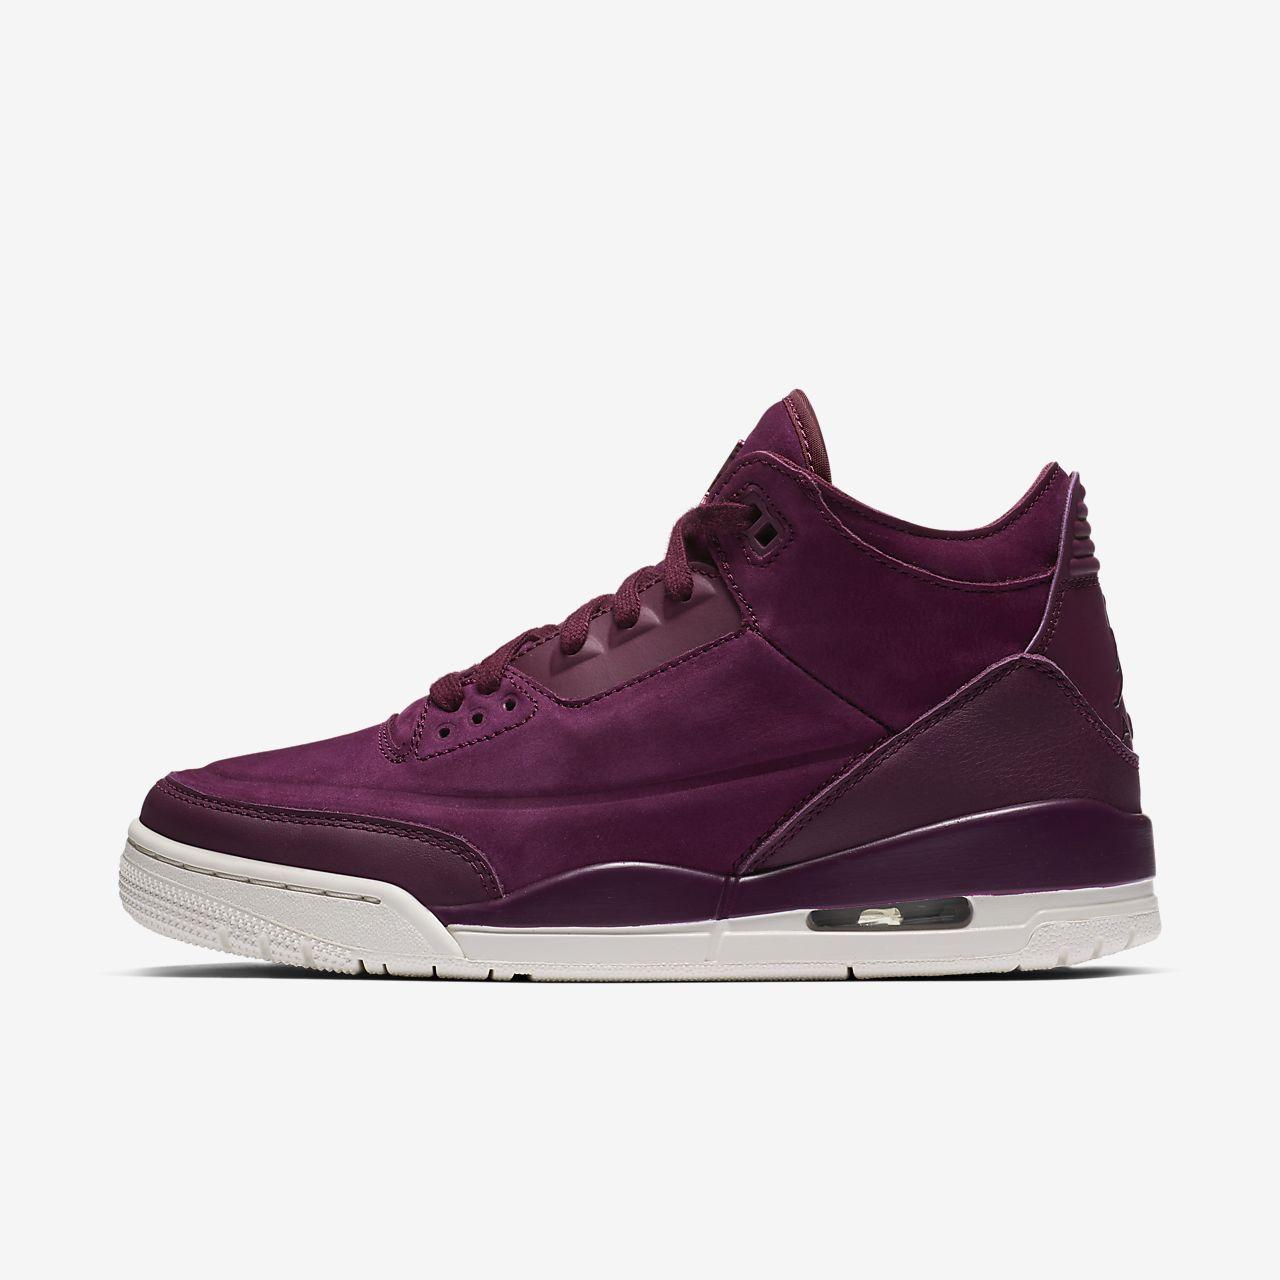 Air Jordan 3 Retro SE Zapatillas - Mujer